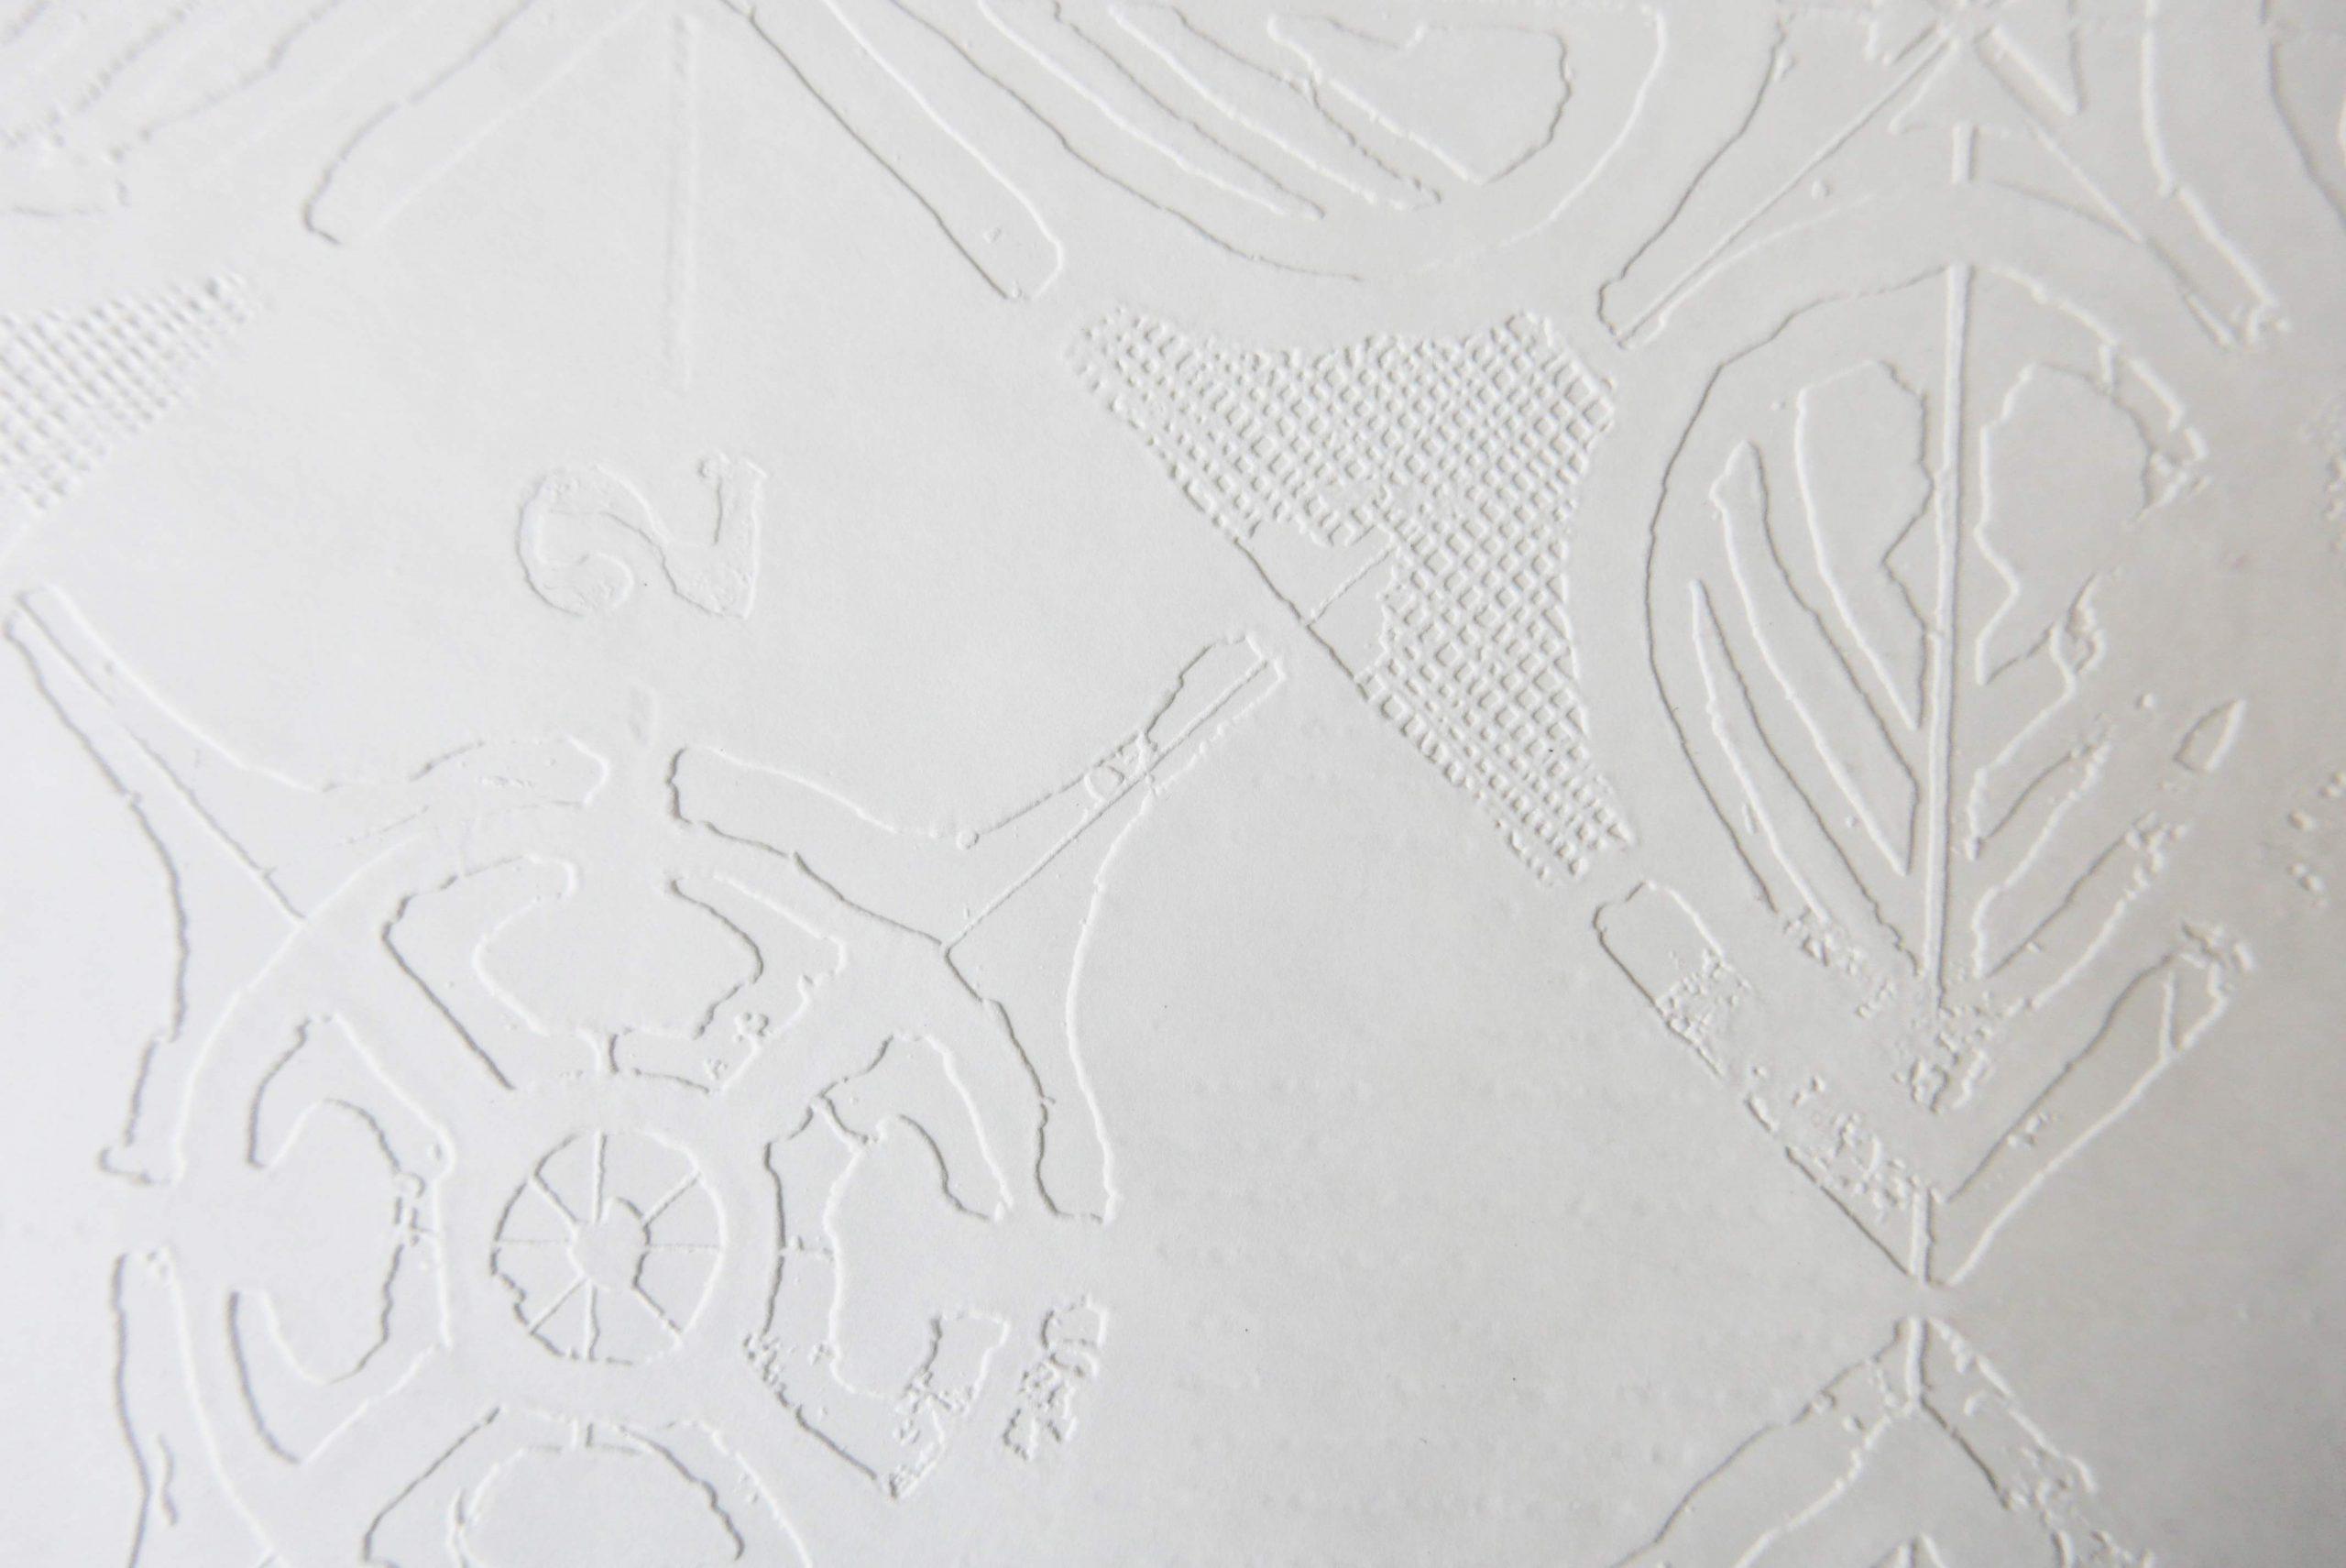 Prägung Ornamentik auf weissem Papier